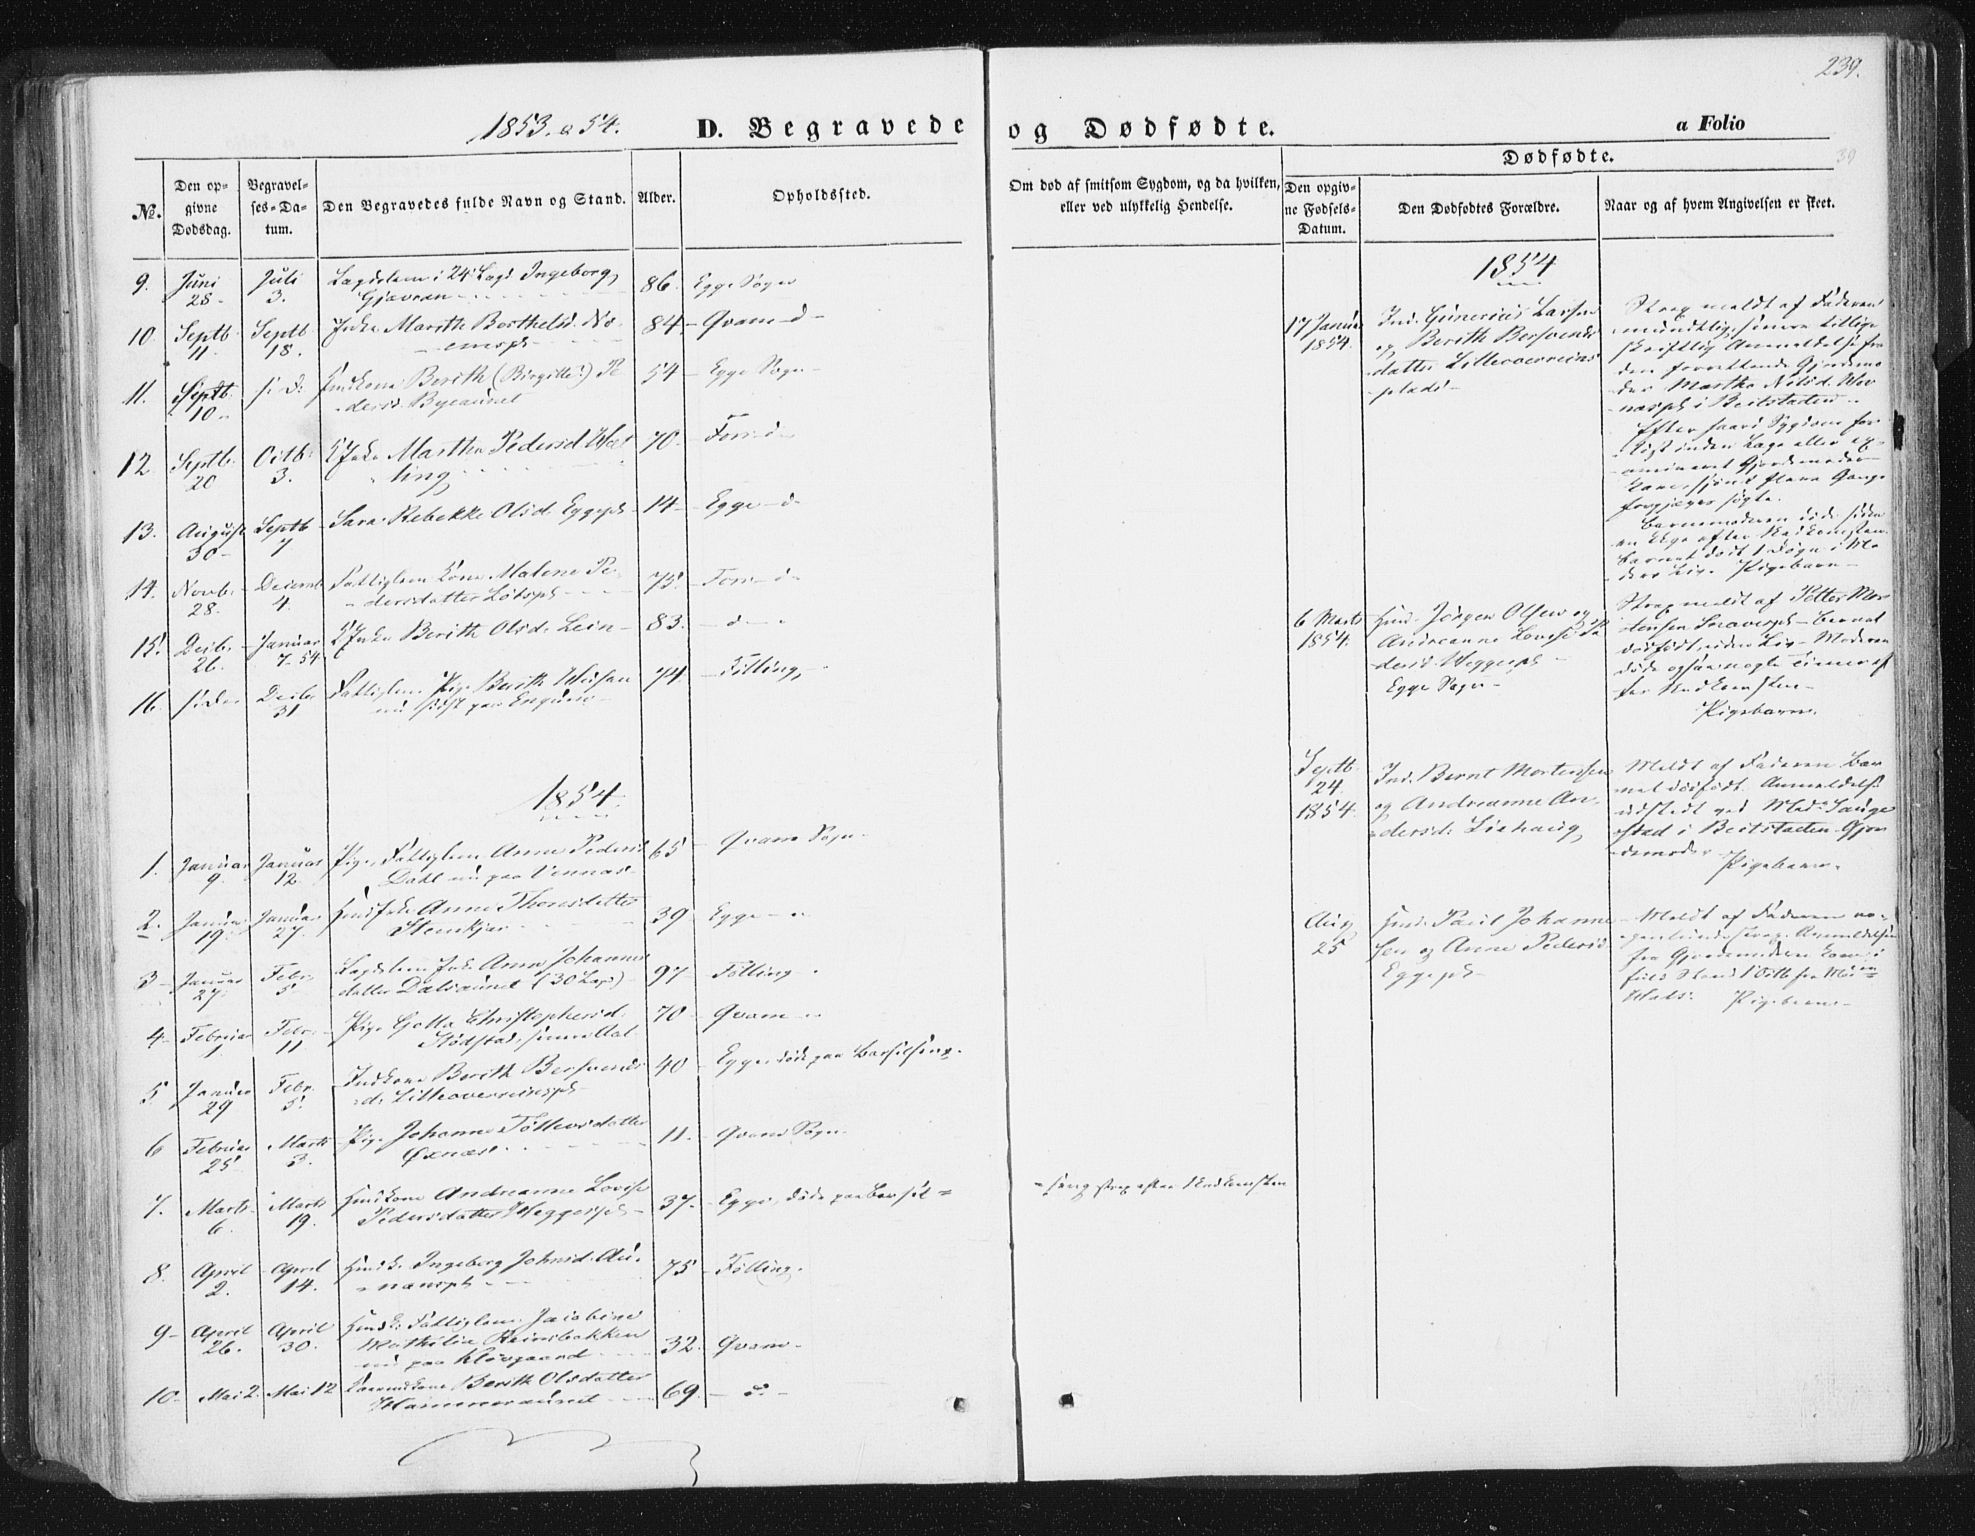 SAT, Ministerialprotokoller, klokkerbøker og fødselsregistre - Nord-Trøndelag, 746/L0446: Ministerialbok nr. 746A05, 1846-1859, s. 239